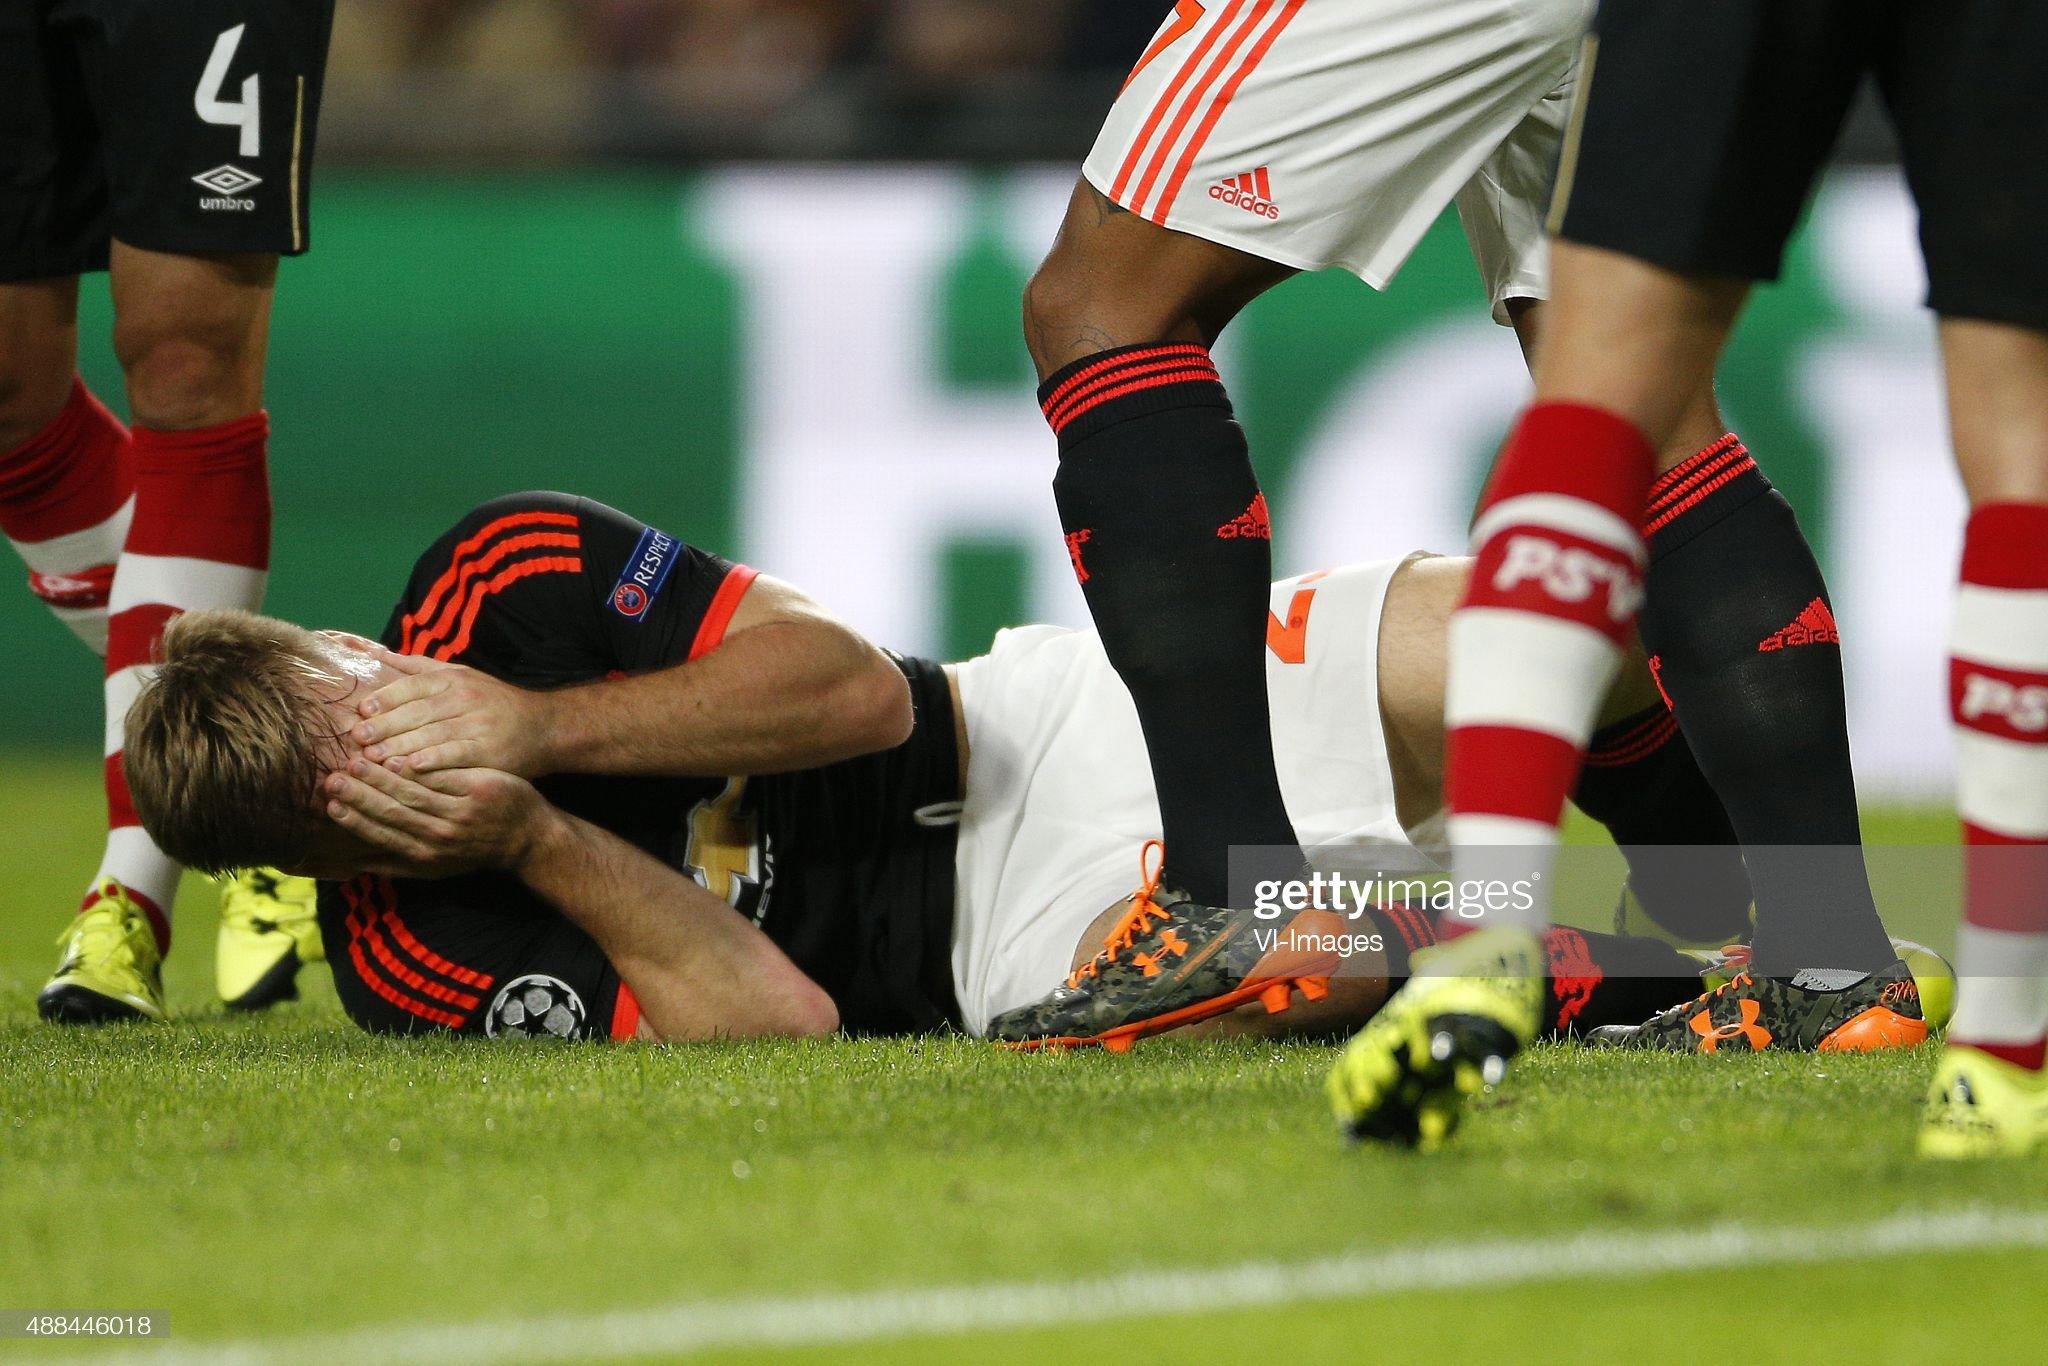 """UEFA Champions League - """"PSV Eindhoven v Manchester United"""" : News Photo"""